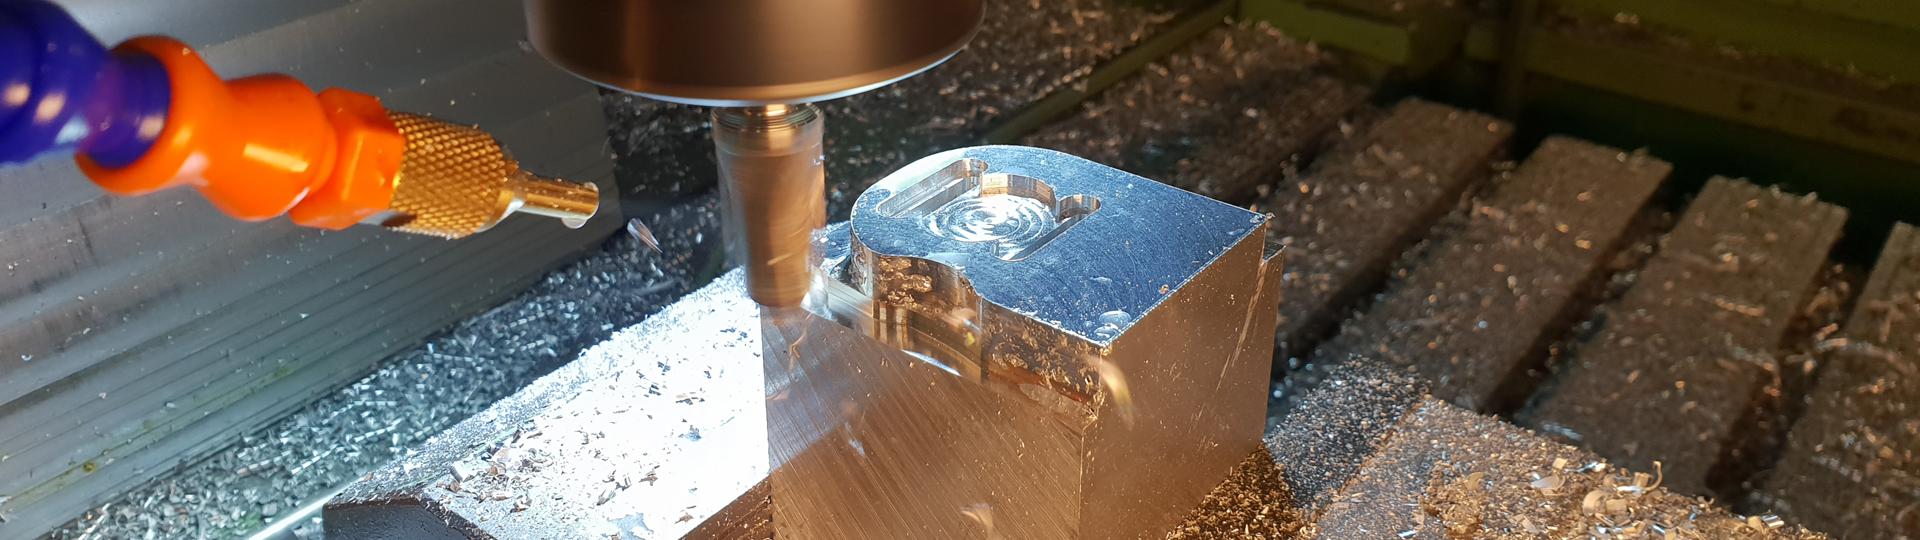 CNC Bearbeitung mit höchster Präzision